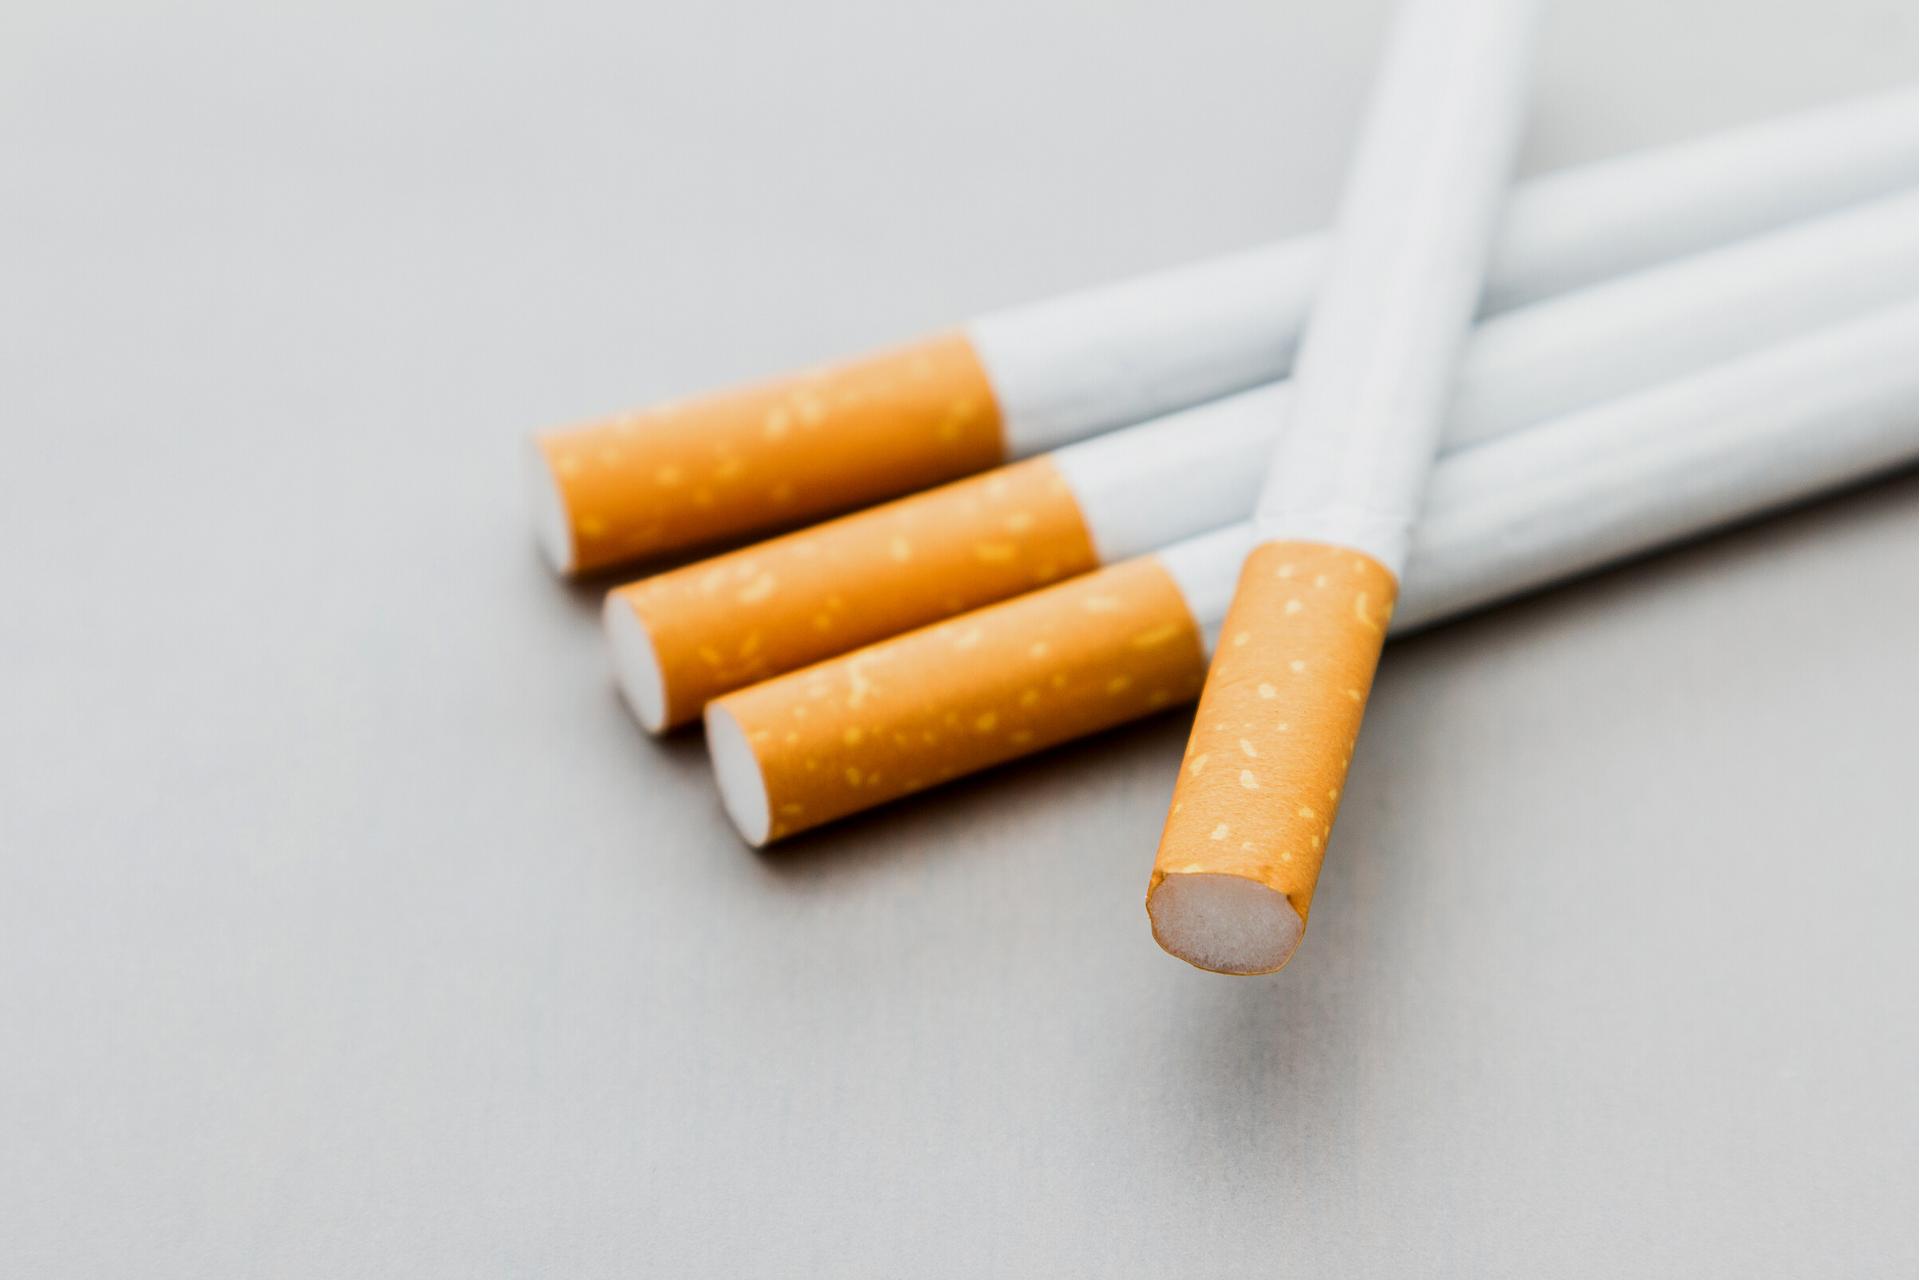 ¿Cómo afecta el tabaco a los dientes?